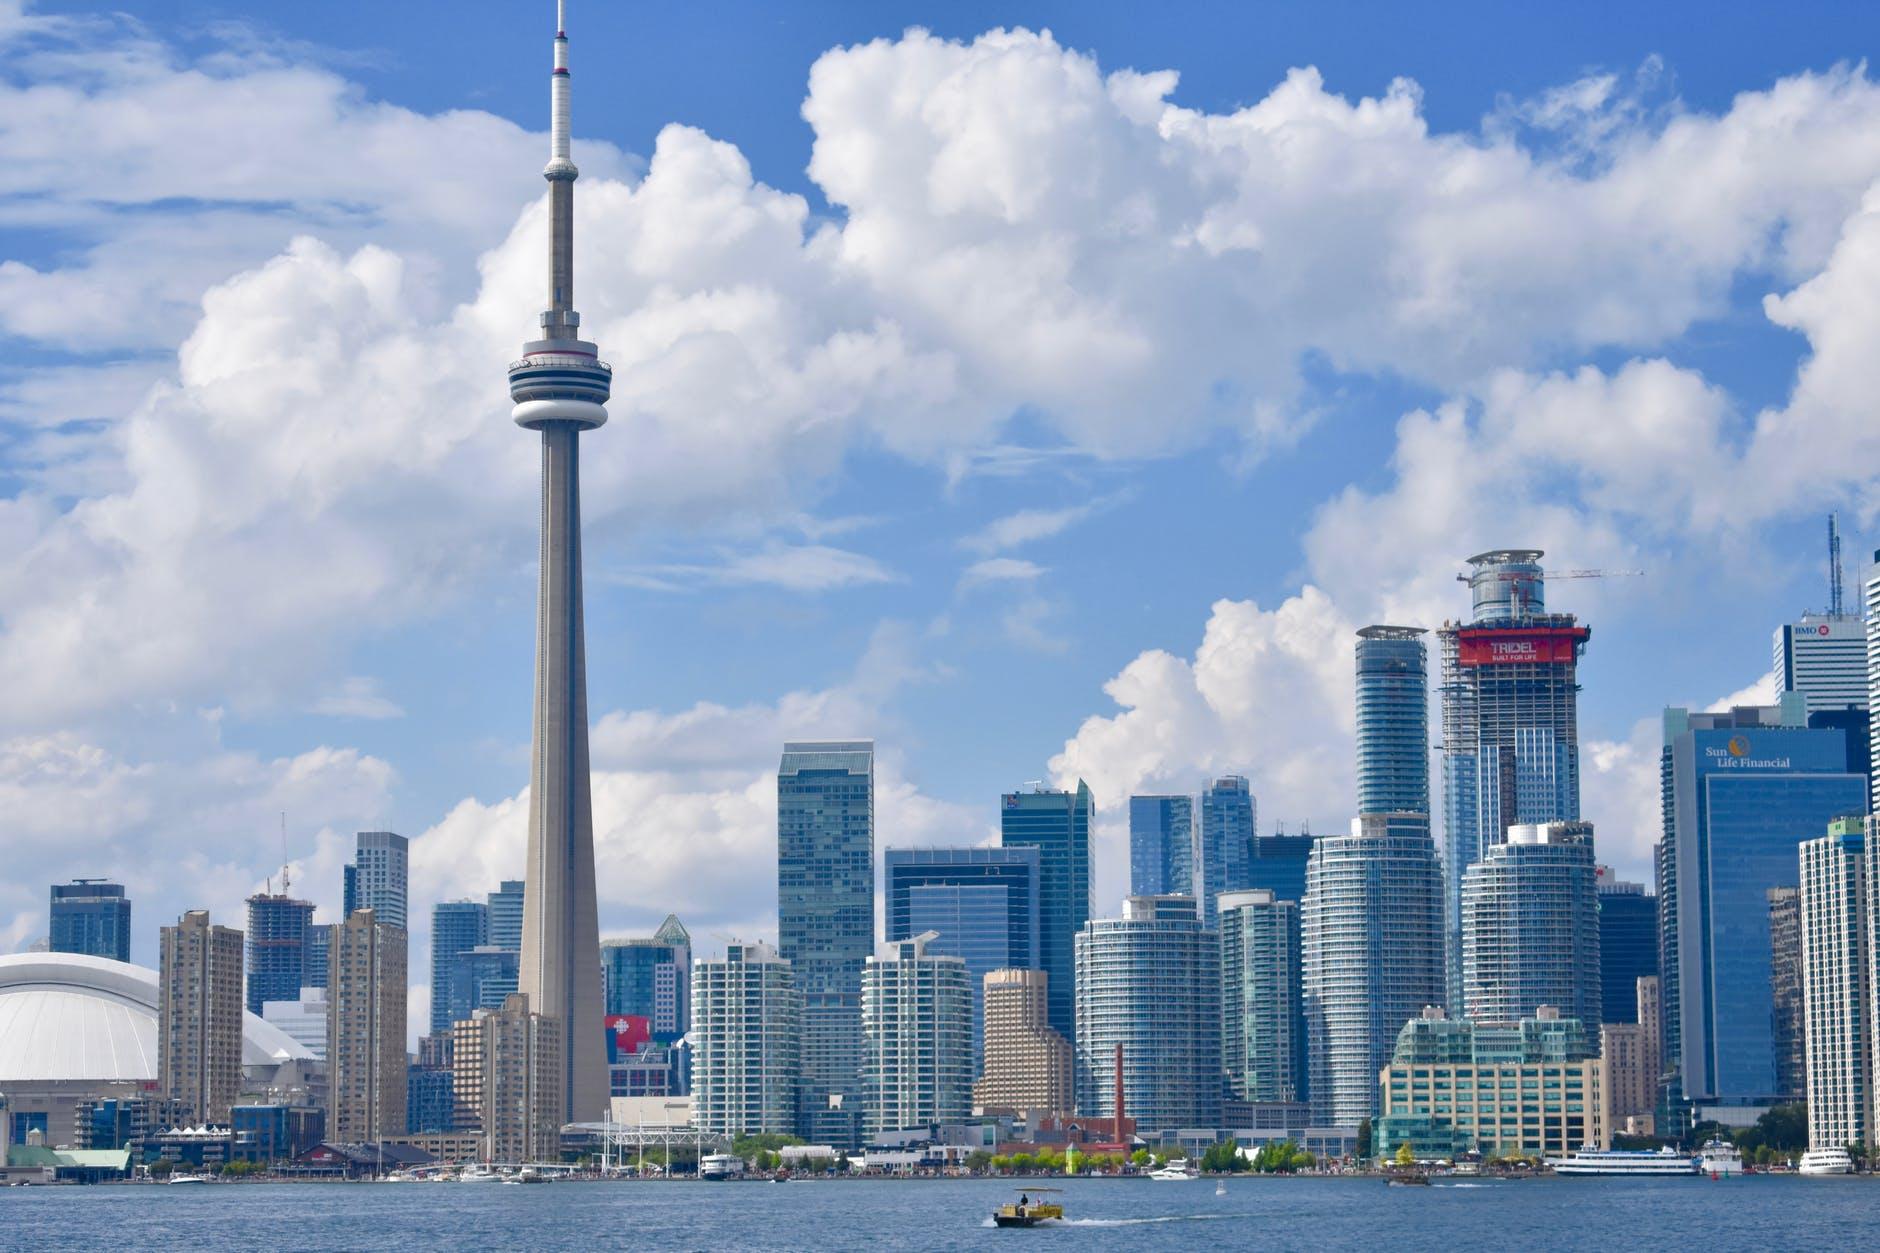 أعلى المباني ارتفاعاً تحت الإنشاء حول العالم